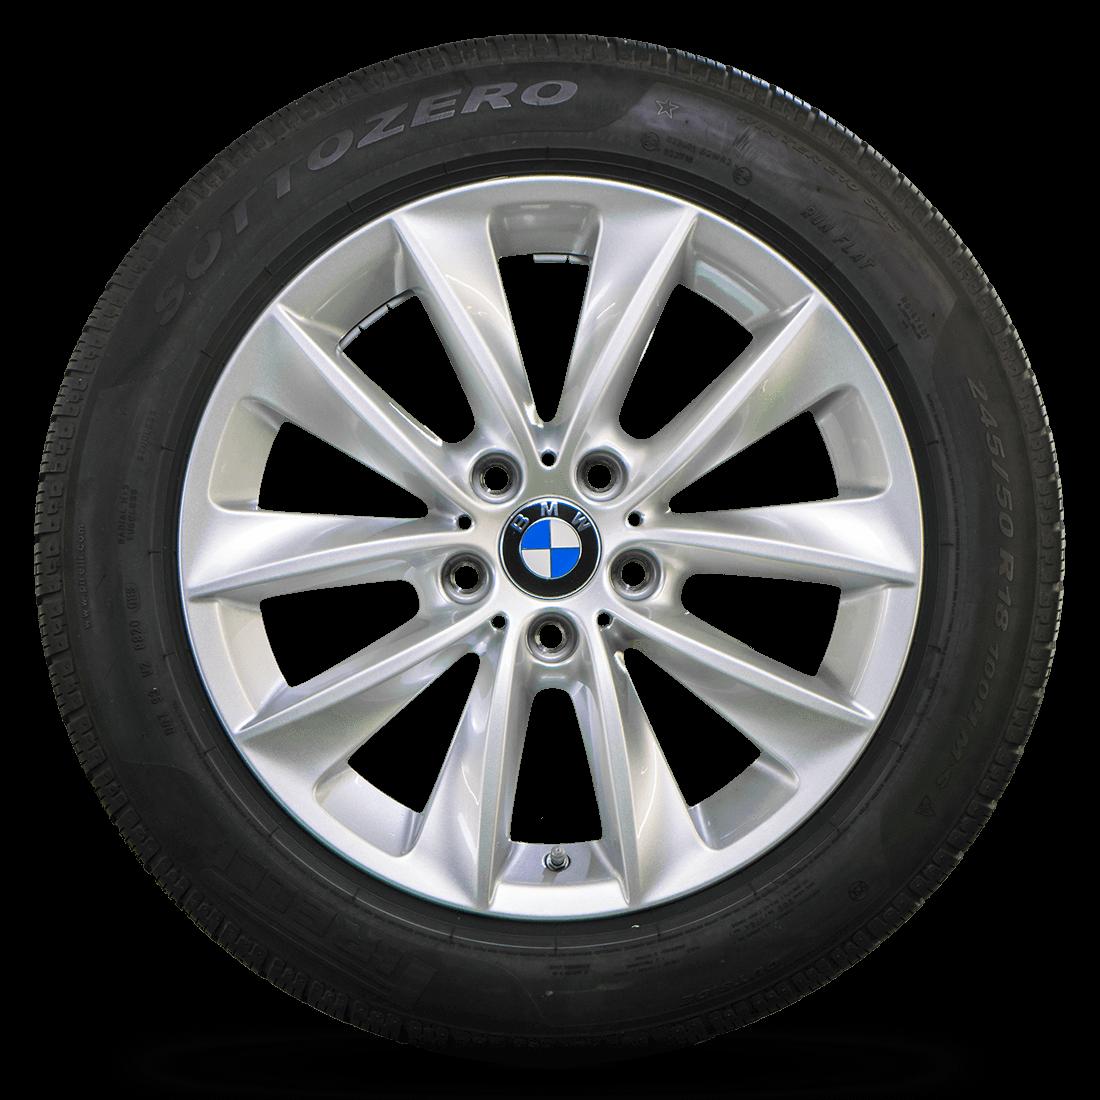 BMW X3 F25 X4 F26 18 Zoll Alufelgen Felgen Winterreifen Winterräder Styling 307